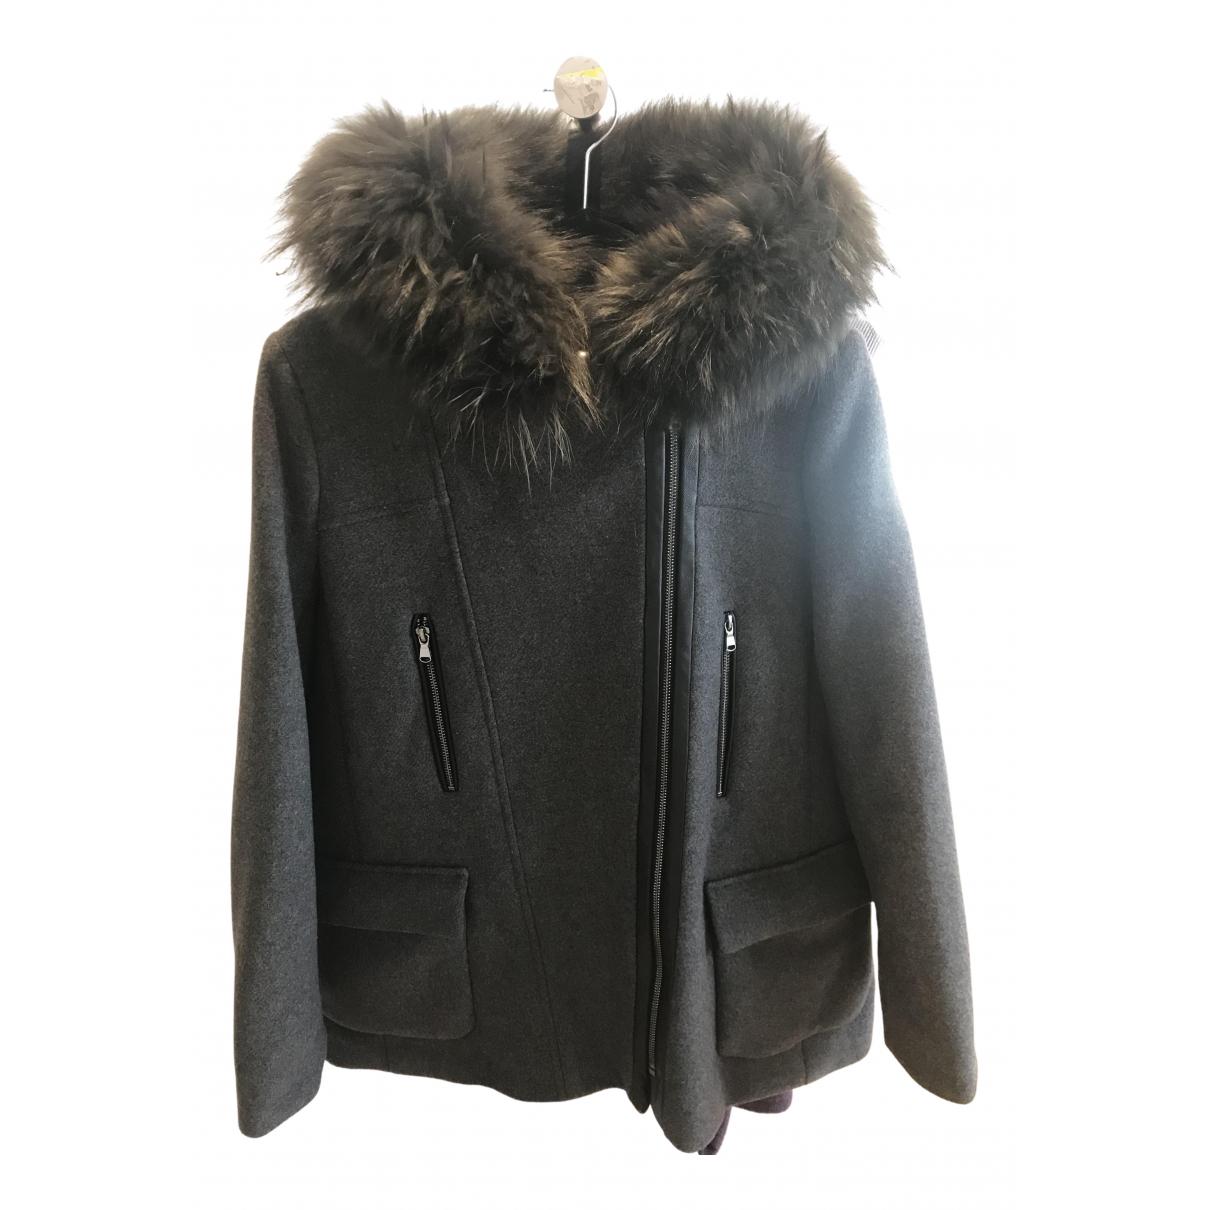 Zapa - Manteau   pour femme en laine - gris